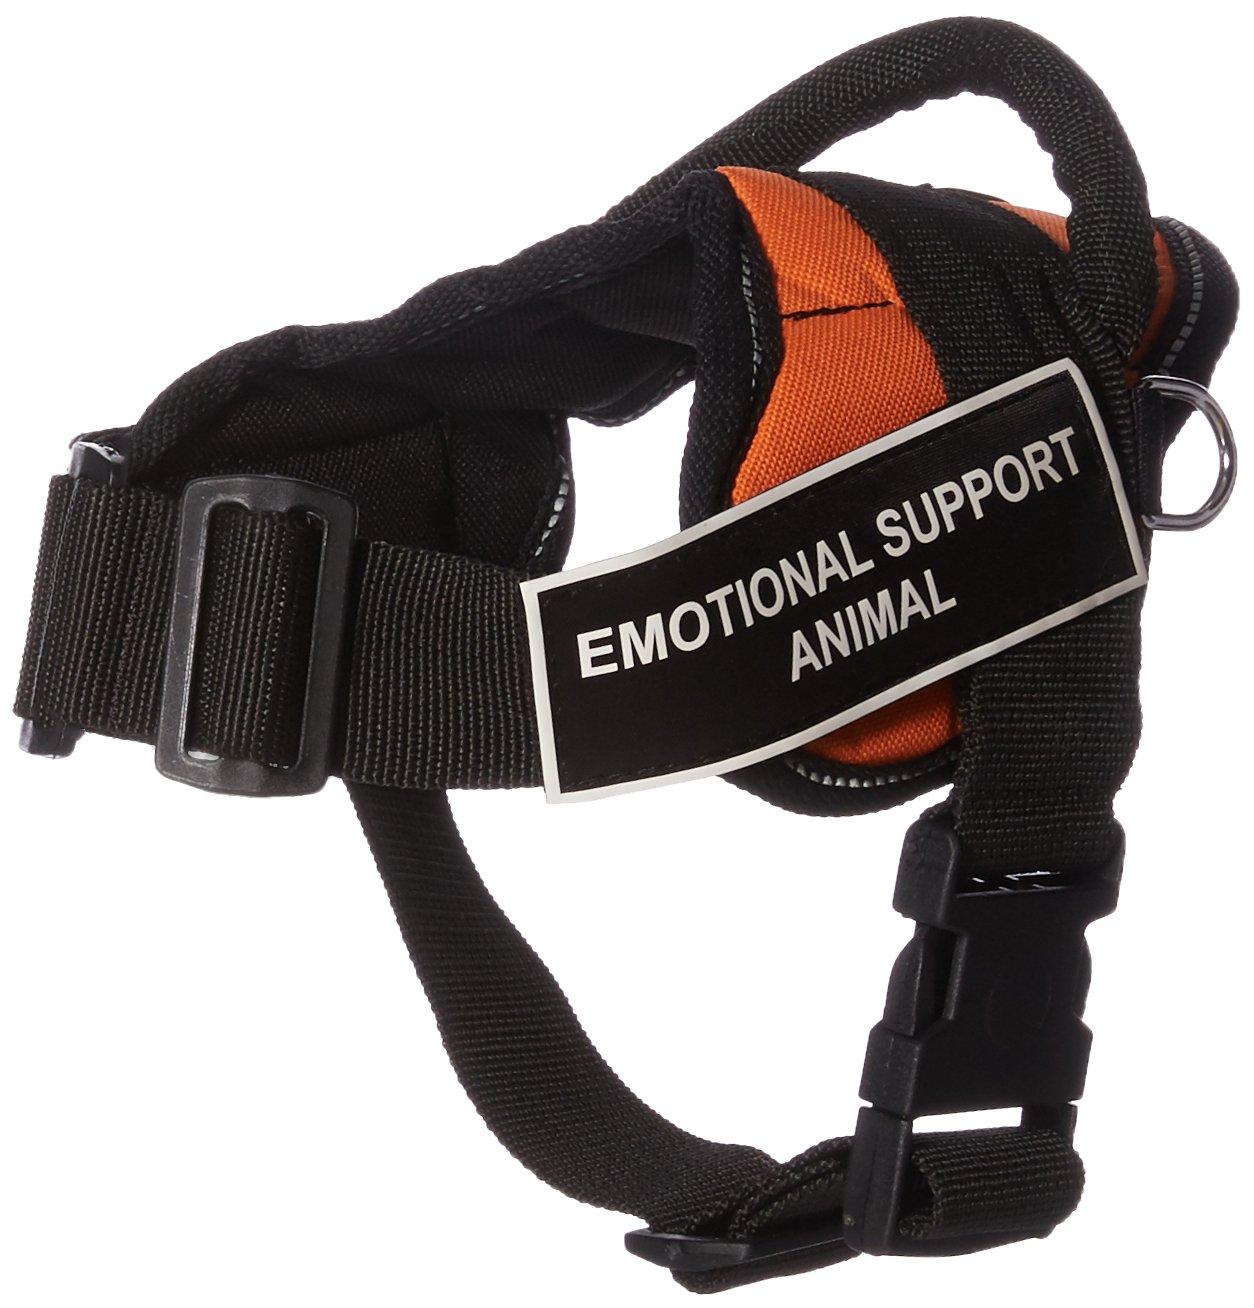 Dean & Tyler Fun Emotional Support Animal XX-Small Arancione Imbracatura con Inserti Riflettenti.